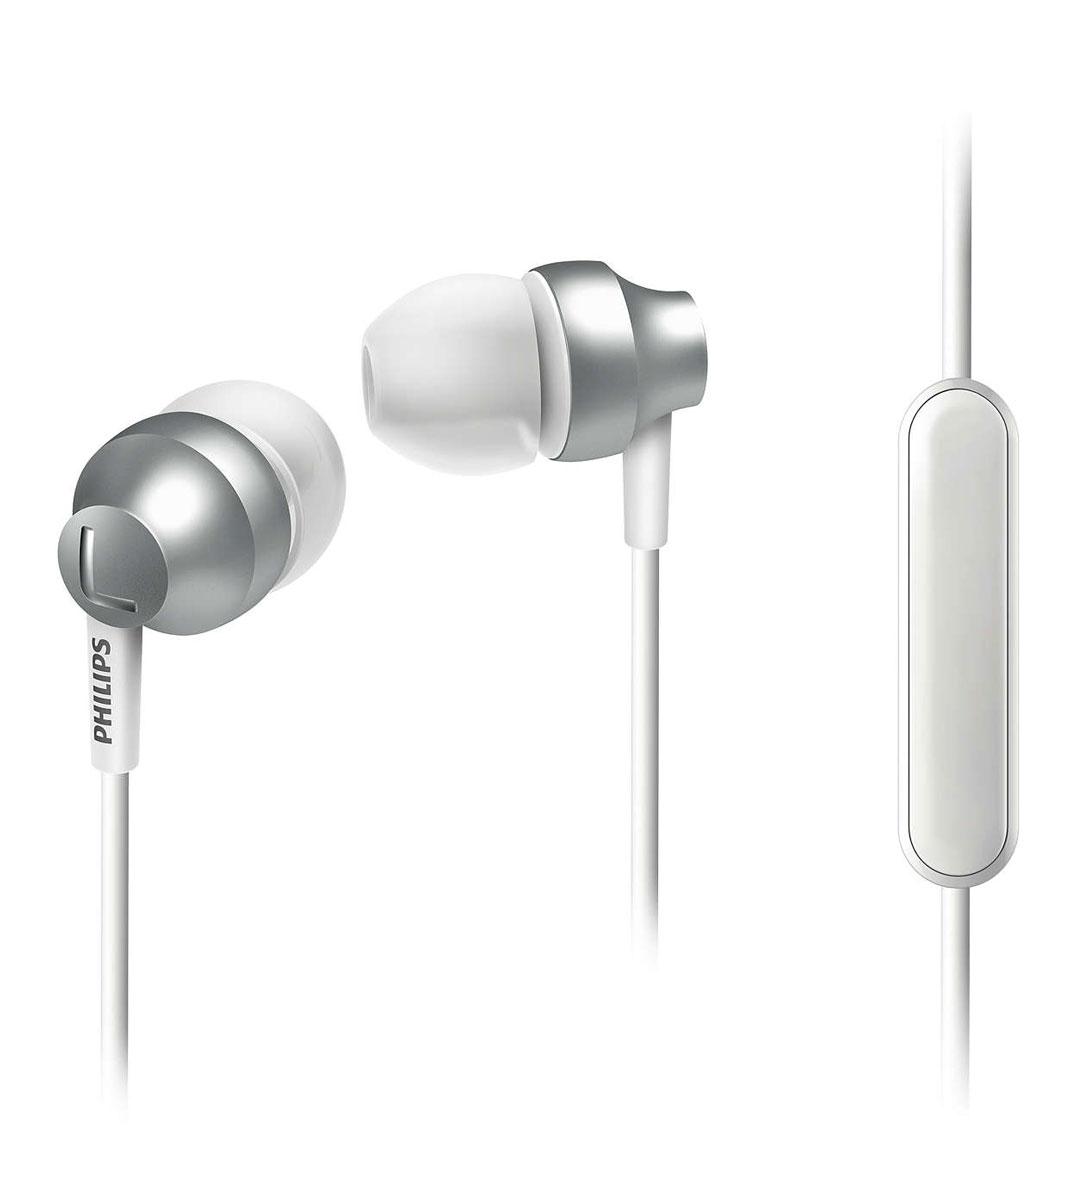 Philips SHE3855SL/00 наушникиSHE3855SL/00Стильные и удобные наушники-вкпадыши Philips Chromz (SHE3855) с превосходным дизайном обеспечивают воспроизведение насыщенных басов. Цвета матовой отделки, выполненной методом вакуумной металлизации, соответствуют цветам iPhone 6s. В комплект входят насадки 3 размеров (маленькие, средние и большие), чтобы вы могли выбрать подходящий вариант для себя.Благодаря встроенному микрофону можно легко переключаться между режимами разговора и прослушивания музыки, чтобы всегда оставаться на связи.Качественная матовая отделка, выполненная методом вакуумной металлизации, обеспечивает дополнительную защиту.Эргономичная овальная звуковая трубка обеспечивает максимально комфортную посадку, подстраиваясь под форму уха.Ультракомпактные наушники с удобной посадкой полностью заполняют ушную раковину и заглушают внешние звуки.Компактные наушники-вкладыши Philips Chromz (SHE3855) с удобной посадкой и мощными излучателями обеспечивают чистый звук и мощный бас.Мягкий резиновый сгиб предотвращает повреждение контактов при многократном сгибании кабеля и продлевает срок службы наушников.